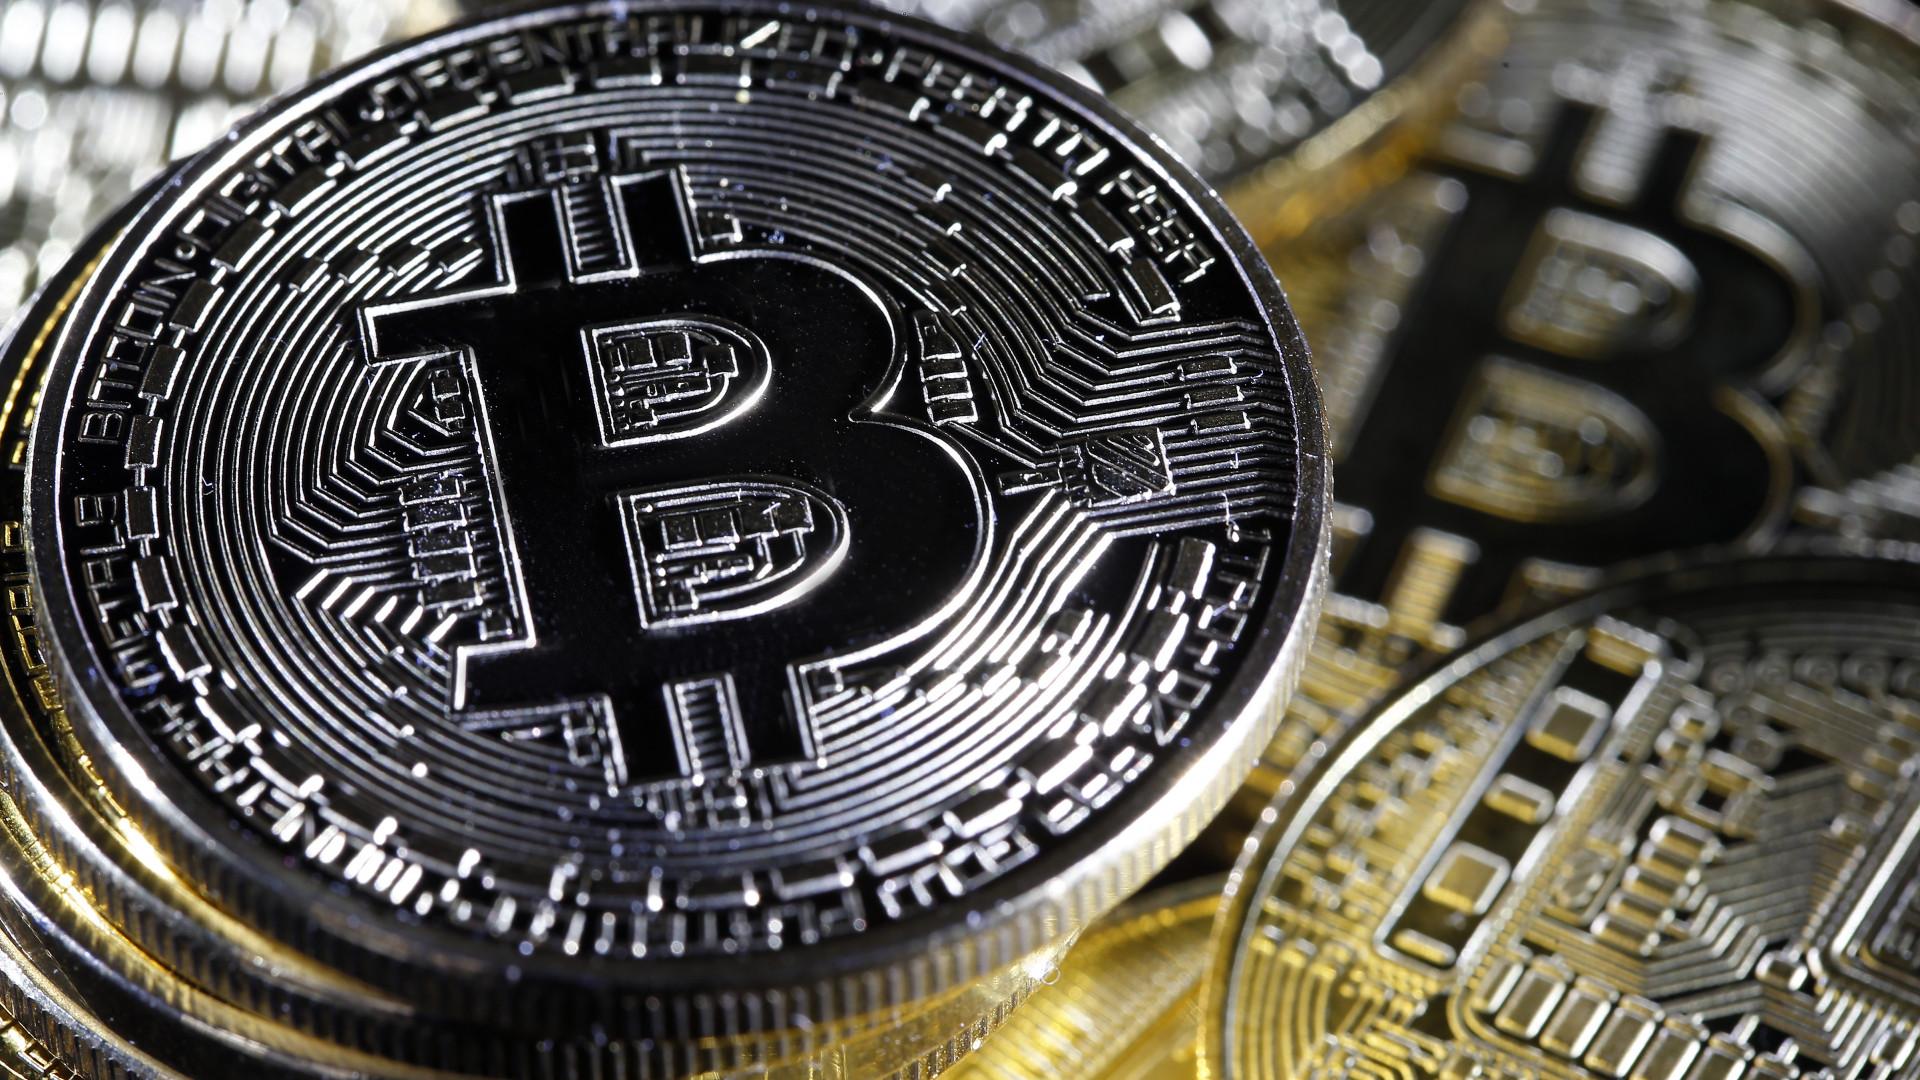 Rekord negyedéves eredmény a Teslánál, a bitcoin is besegített | Magyar Nemzet